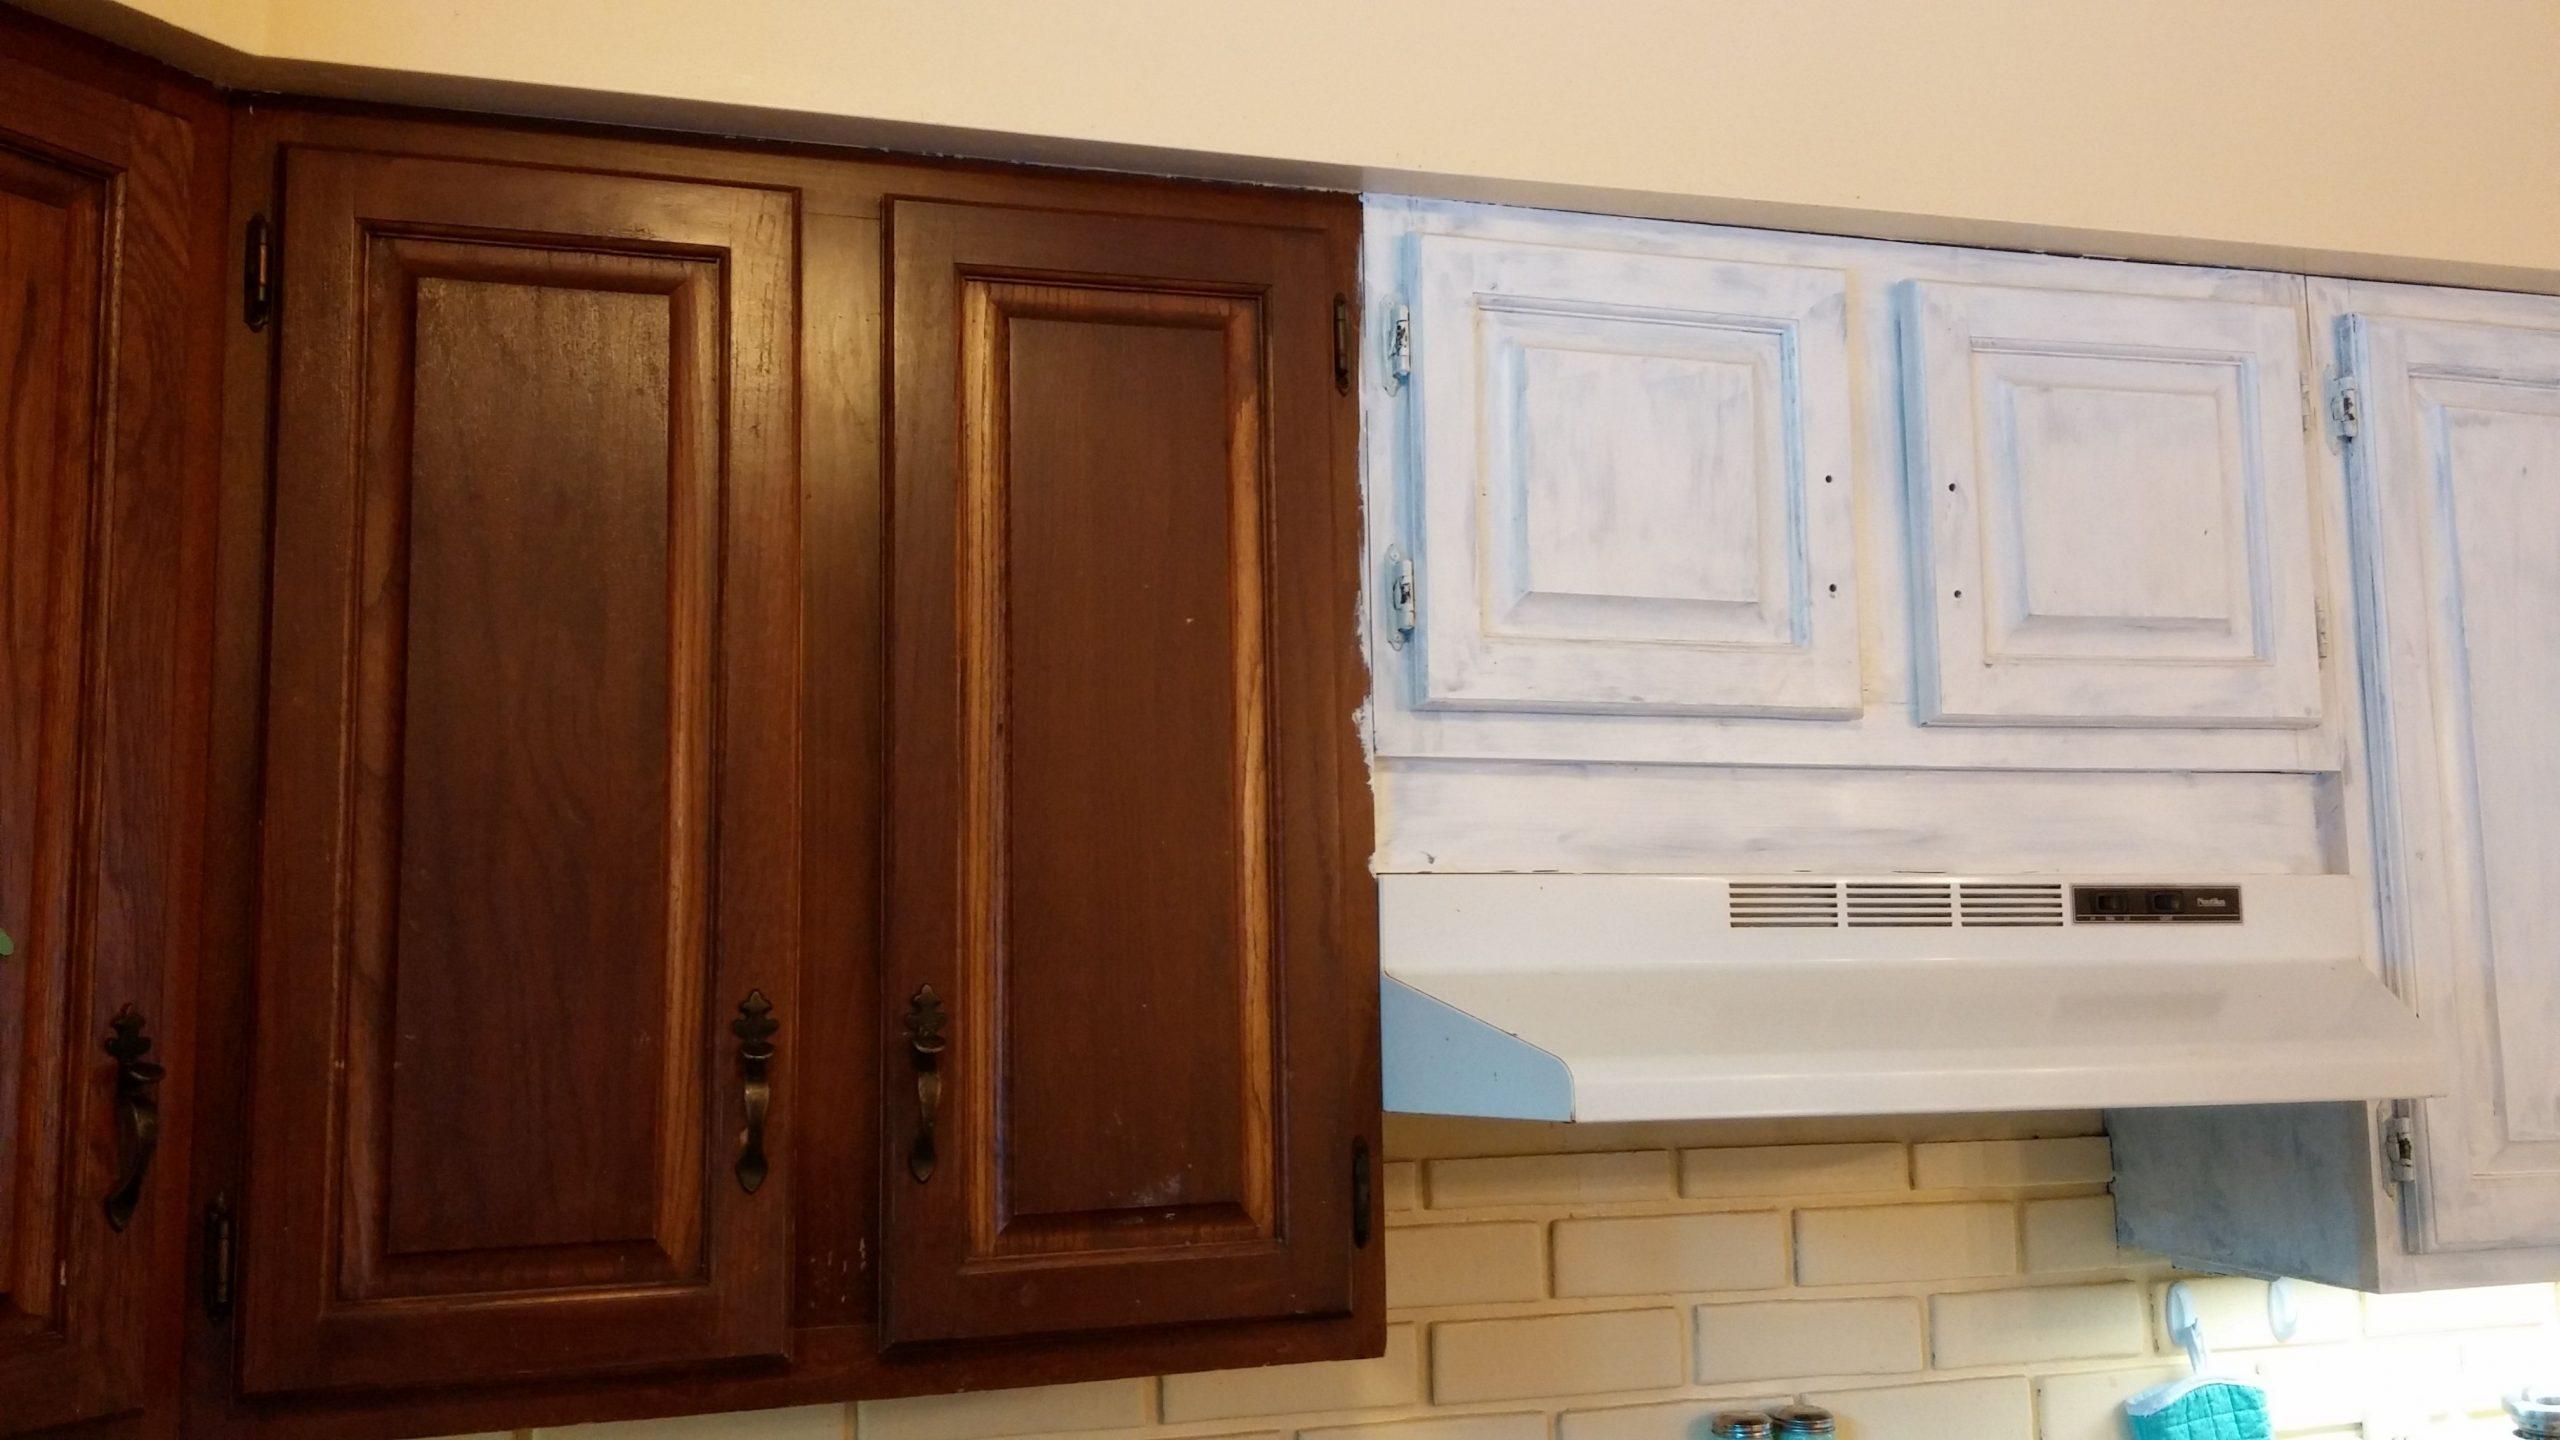 Pressed Wooden Kitchen Cupboards  Wood kitchen cabinets, Wood  - Pressed Wood Kitchen Cabinets